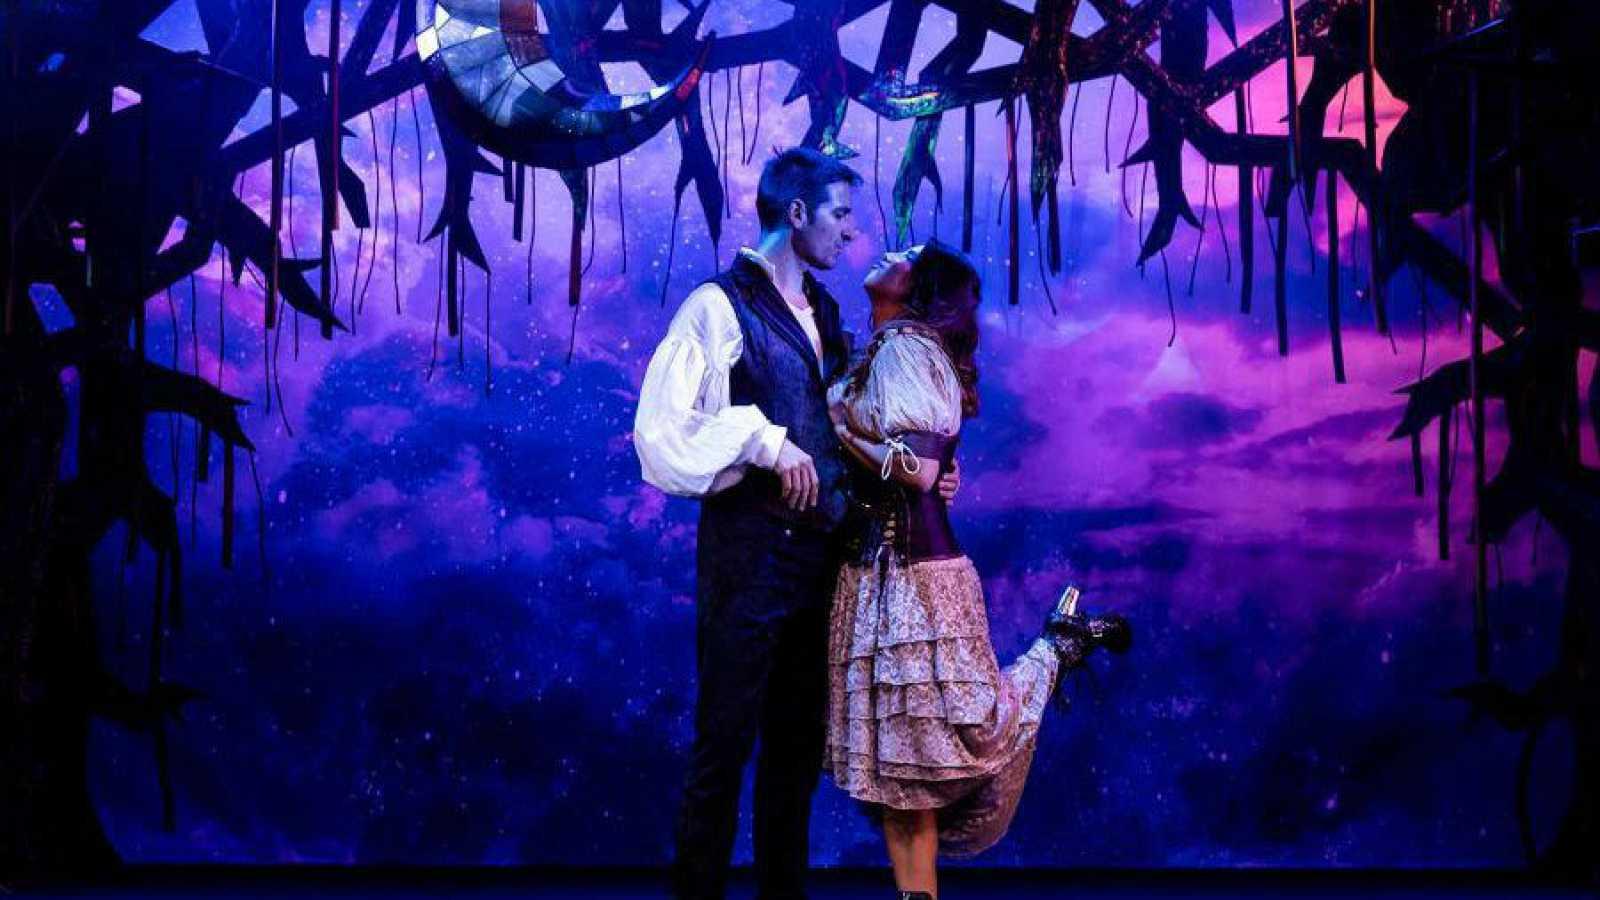 teatro critica sueño de una noche de verano principe gran via adaptacion entradas opiniones